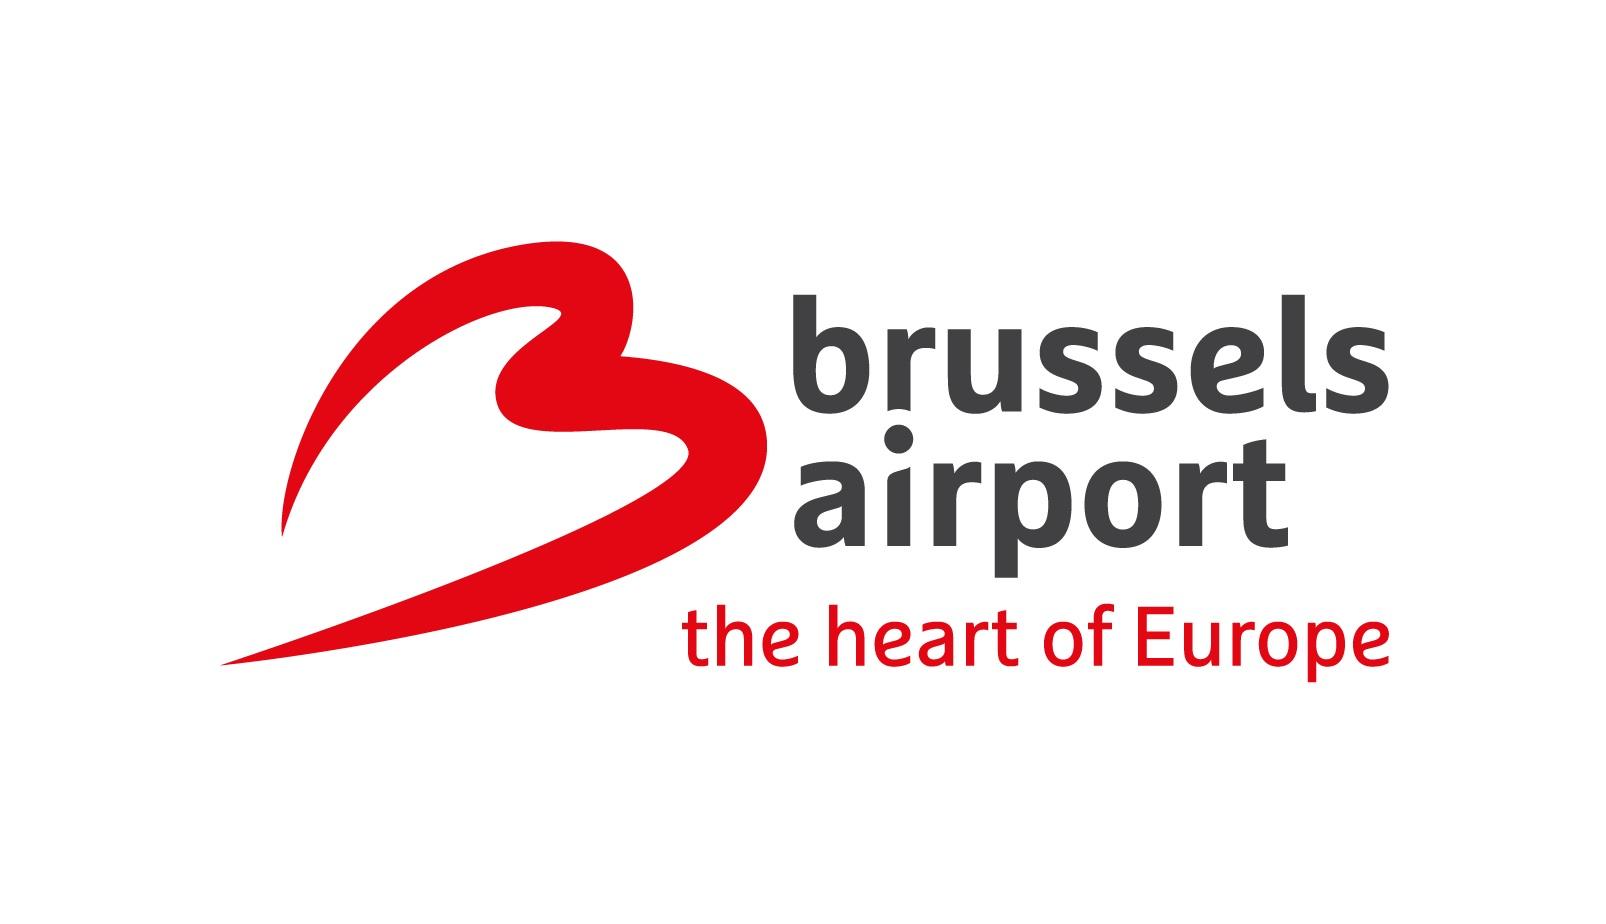 bedrijven brussel airport